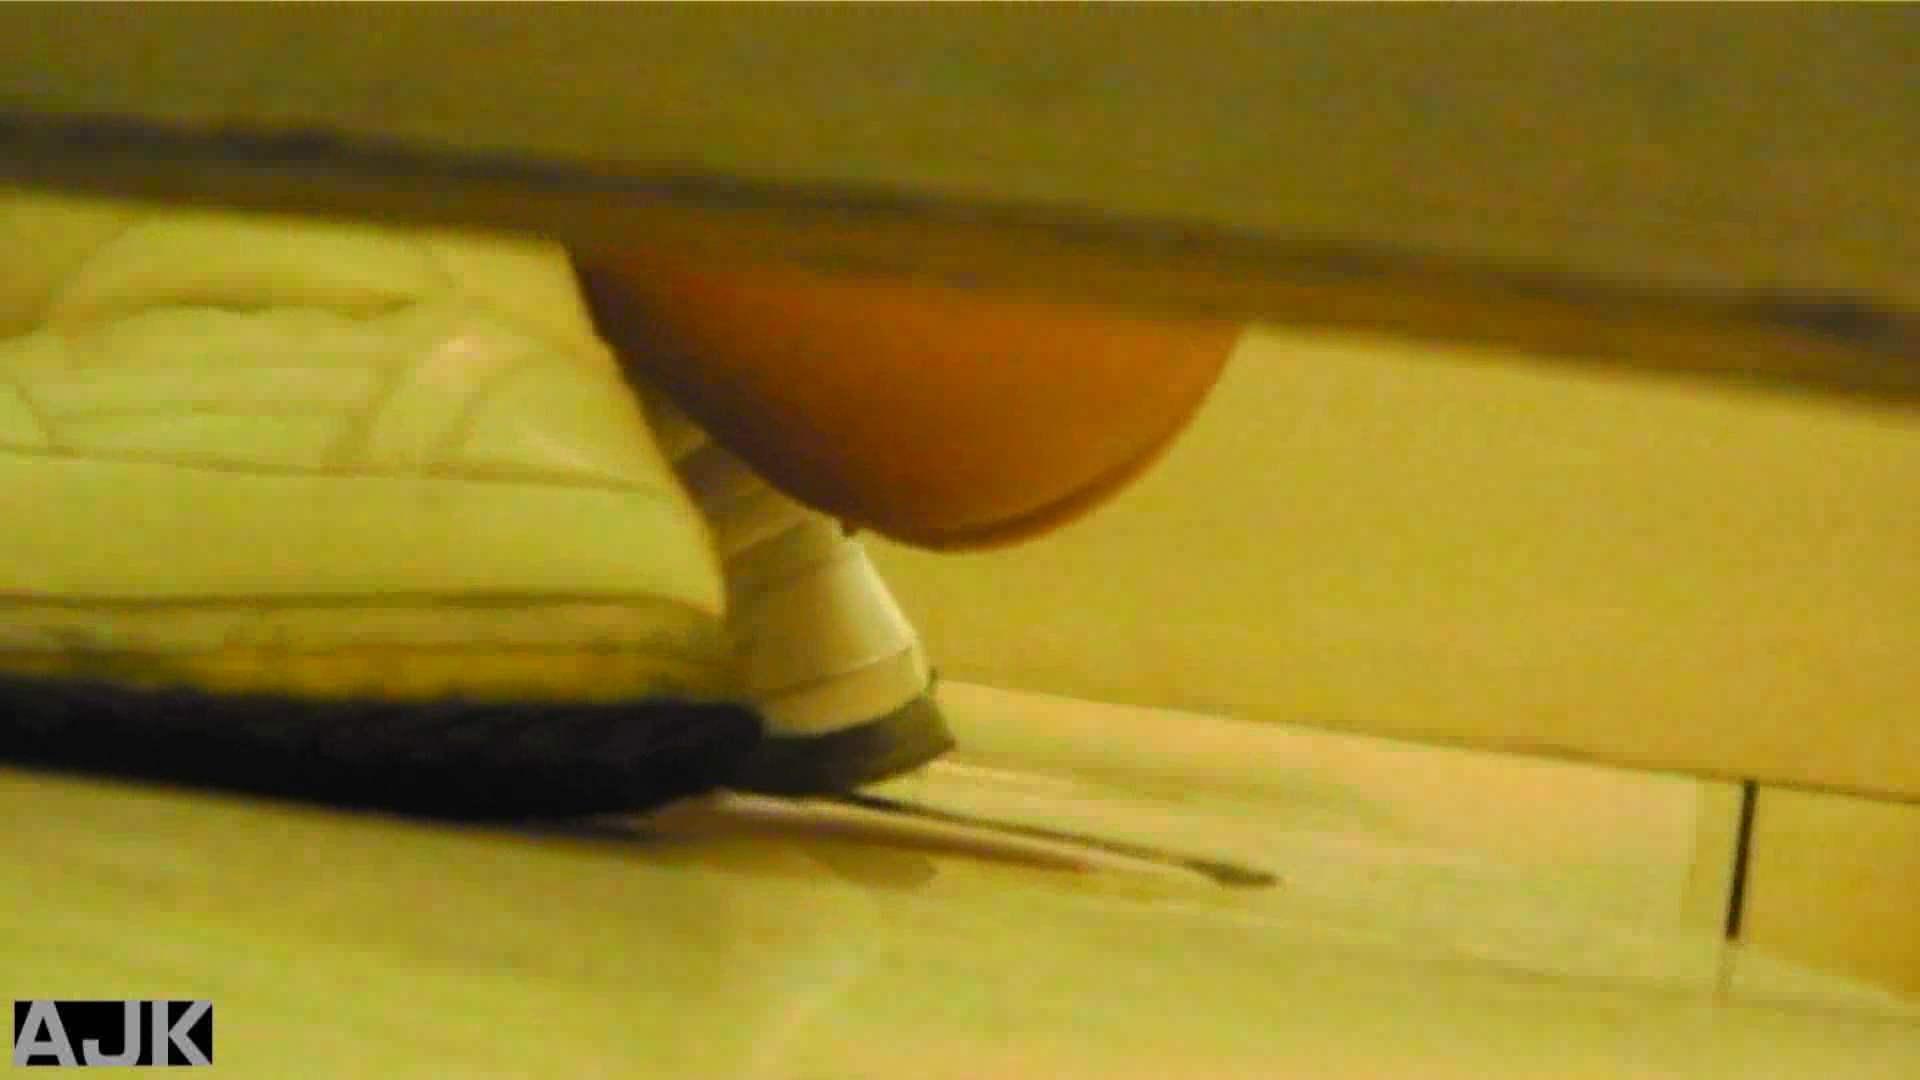 神降臨!史上最強の潜入かわや! vol.01 美女丸裸 オメコ無修正動画無料 106pic 82